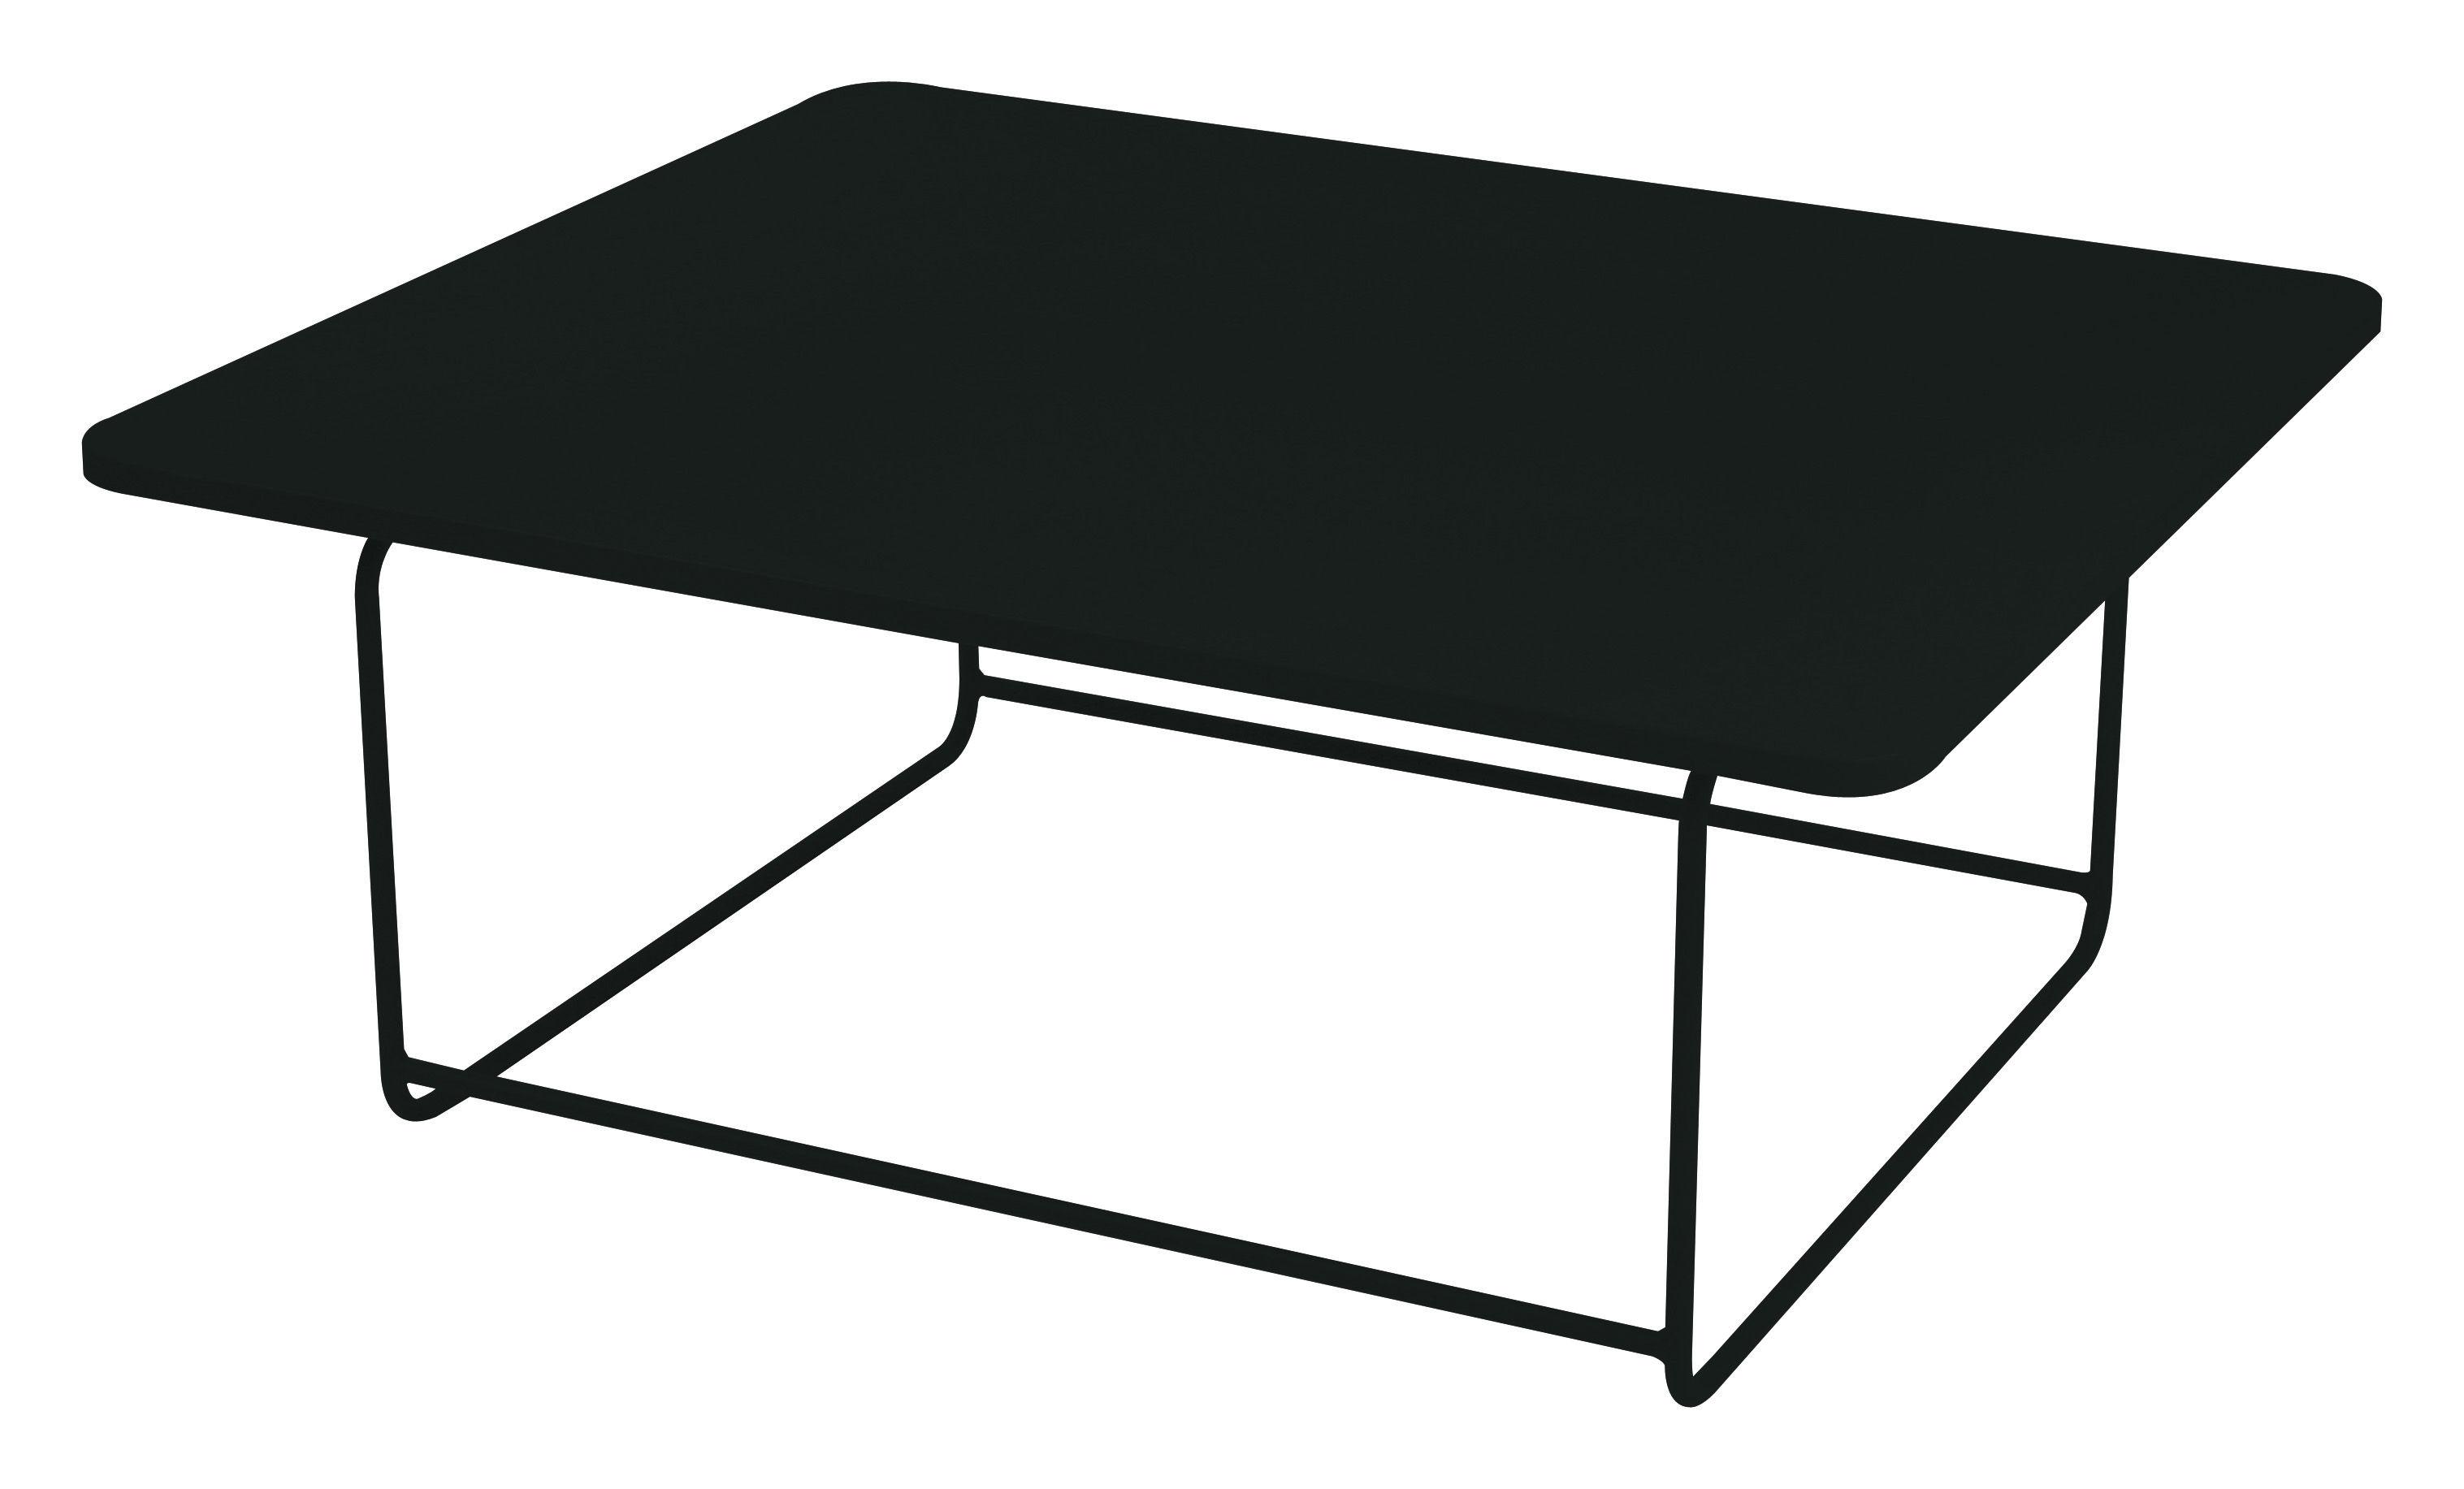 Arredamento - Tavolini  - Tavolino Ellipse - 110 x 90 cm - A 48 cm di Fermob - Liquerizia - Acciaio laccato